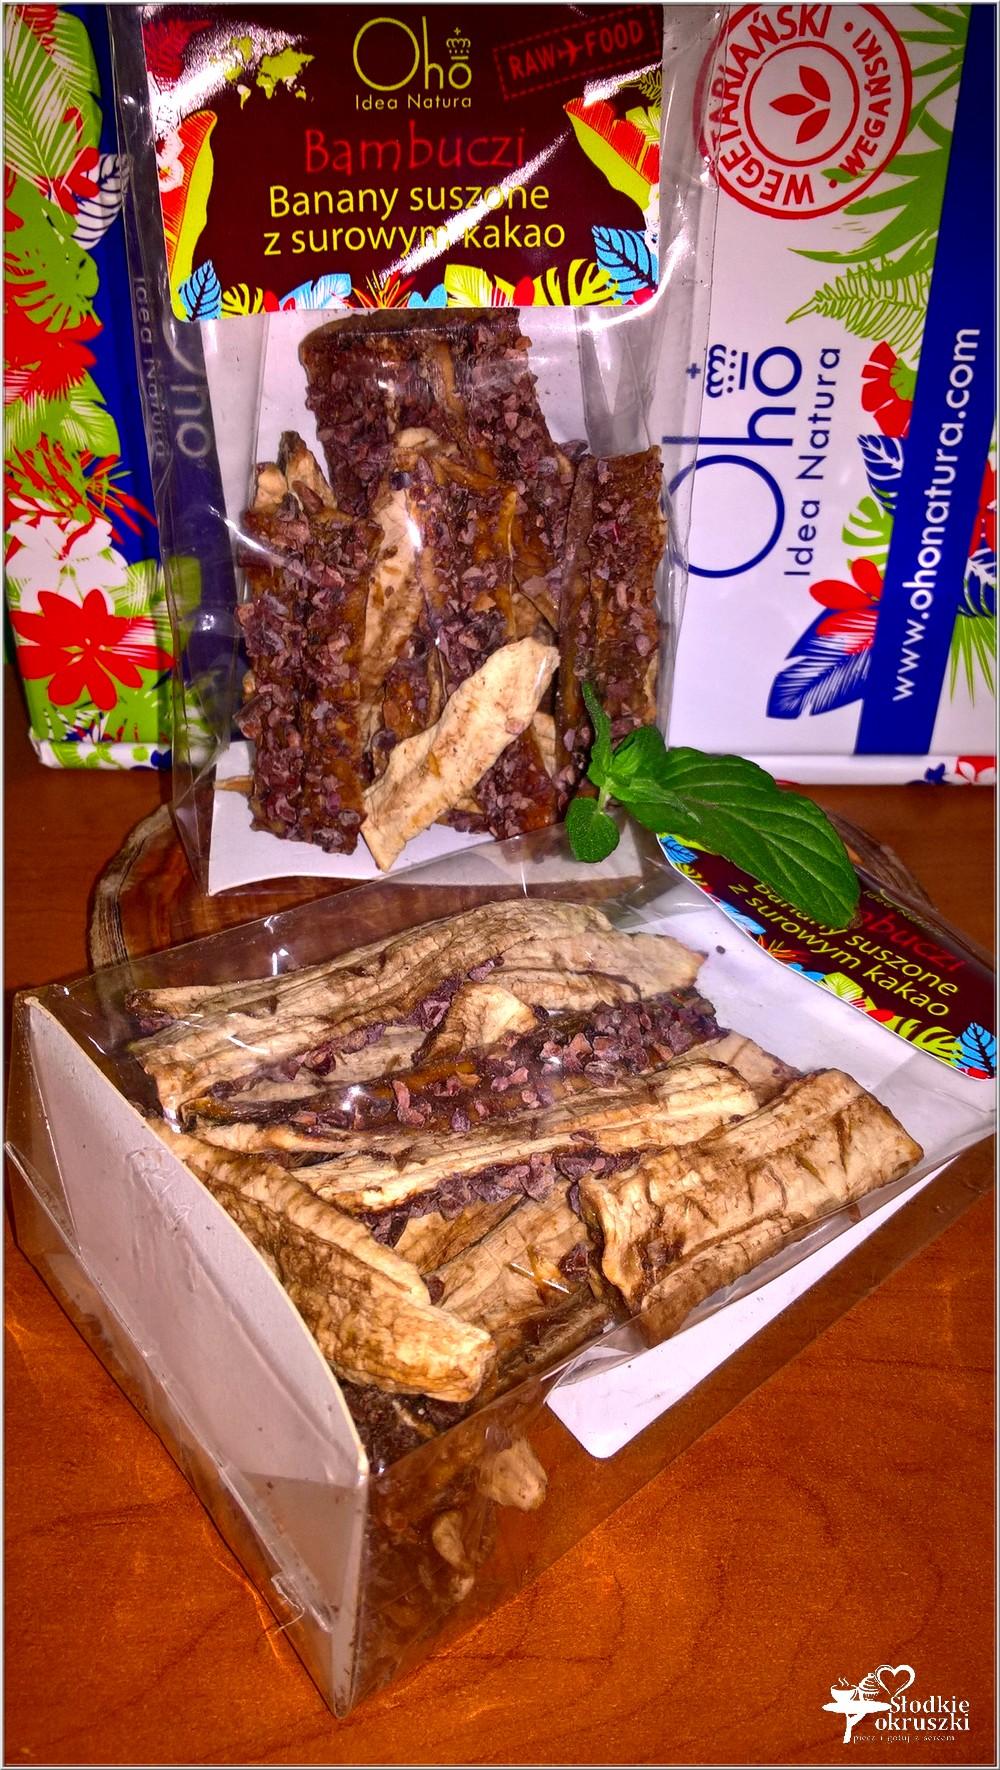 Zdrowie i smak. Bambuczi, czyli suszone banany z surowym kakao (2)